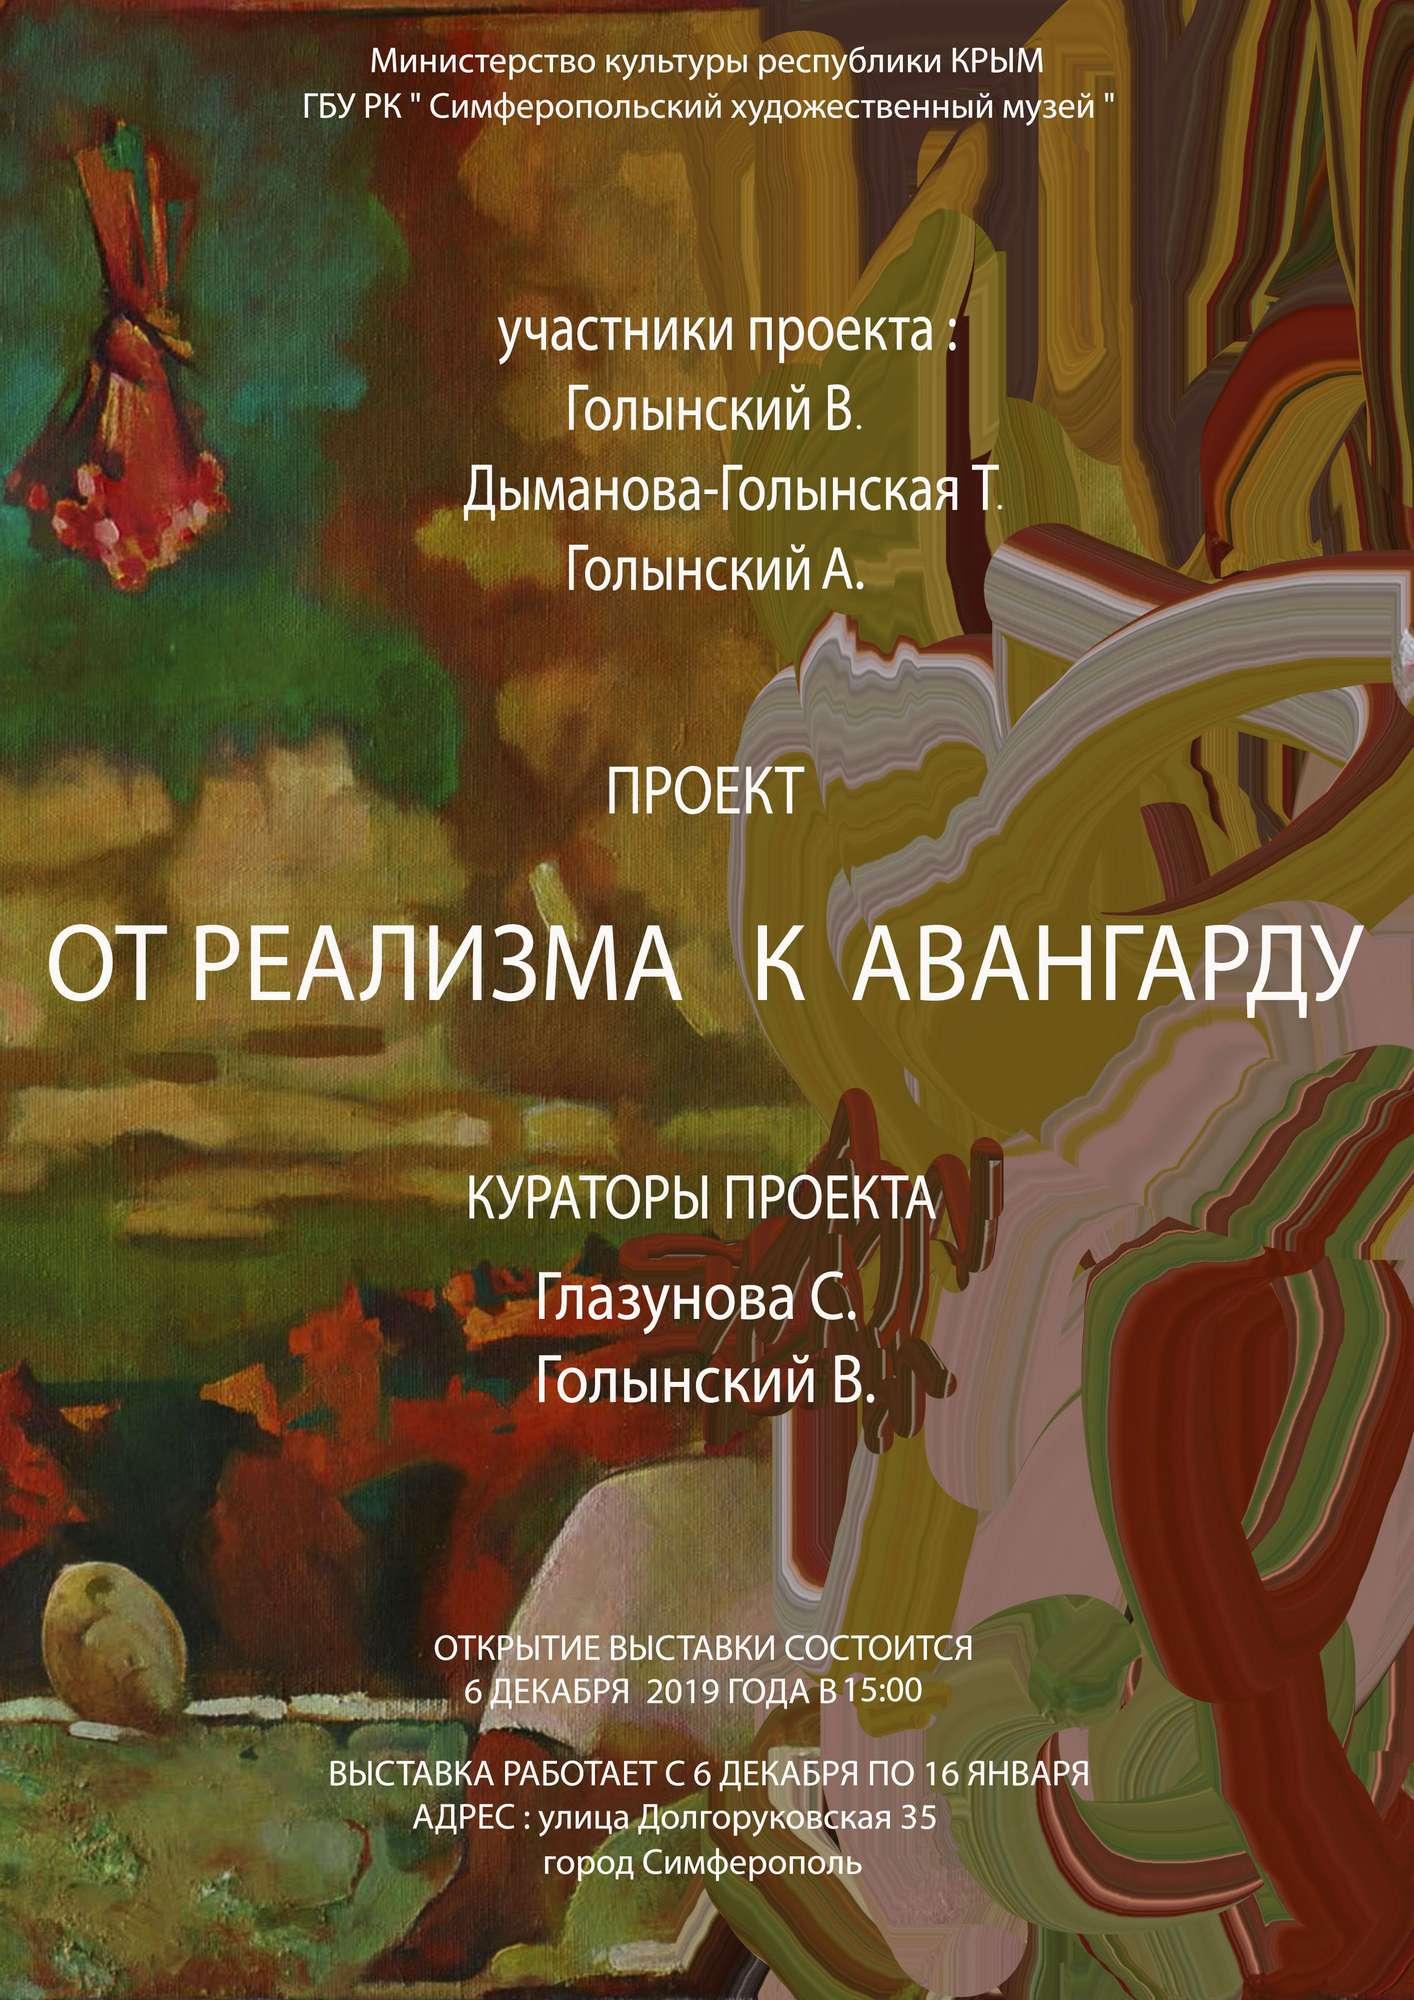 Выставки в Симферополе, афиша Крыма, 2019